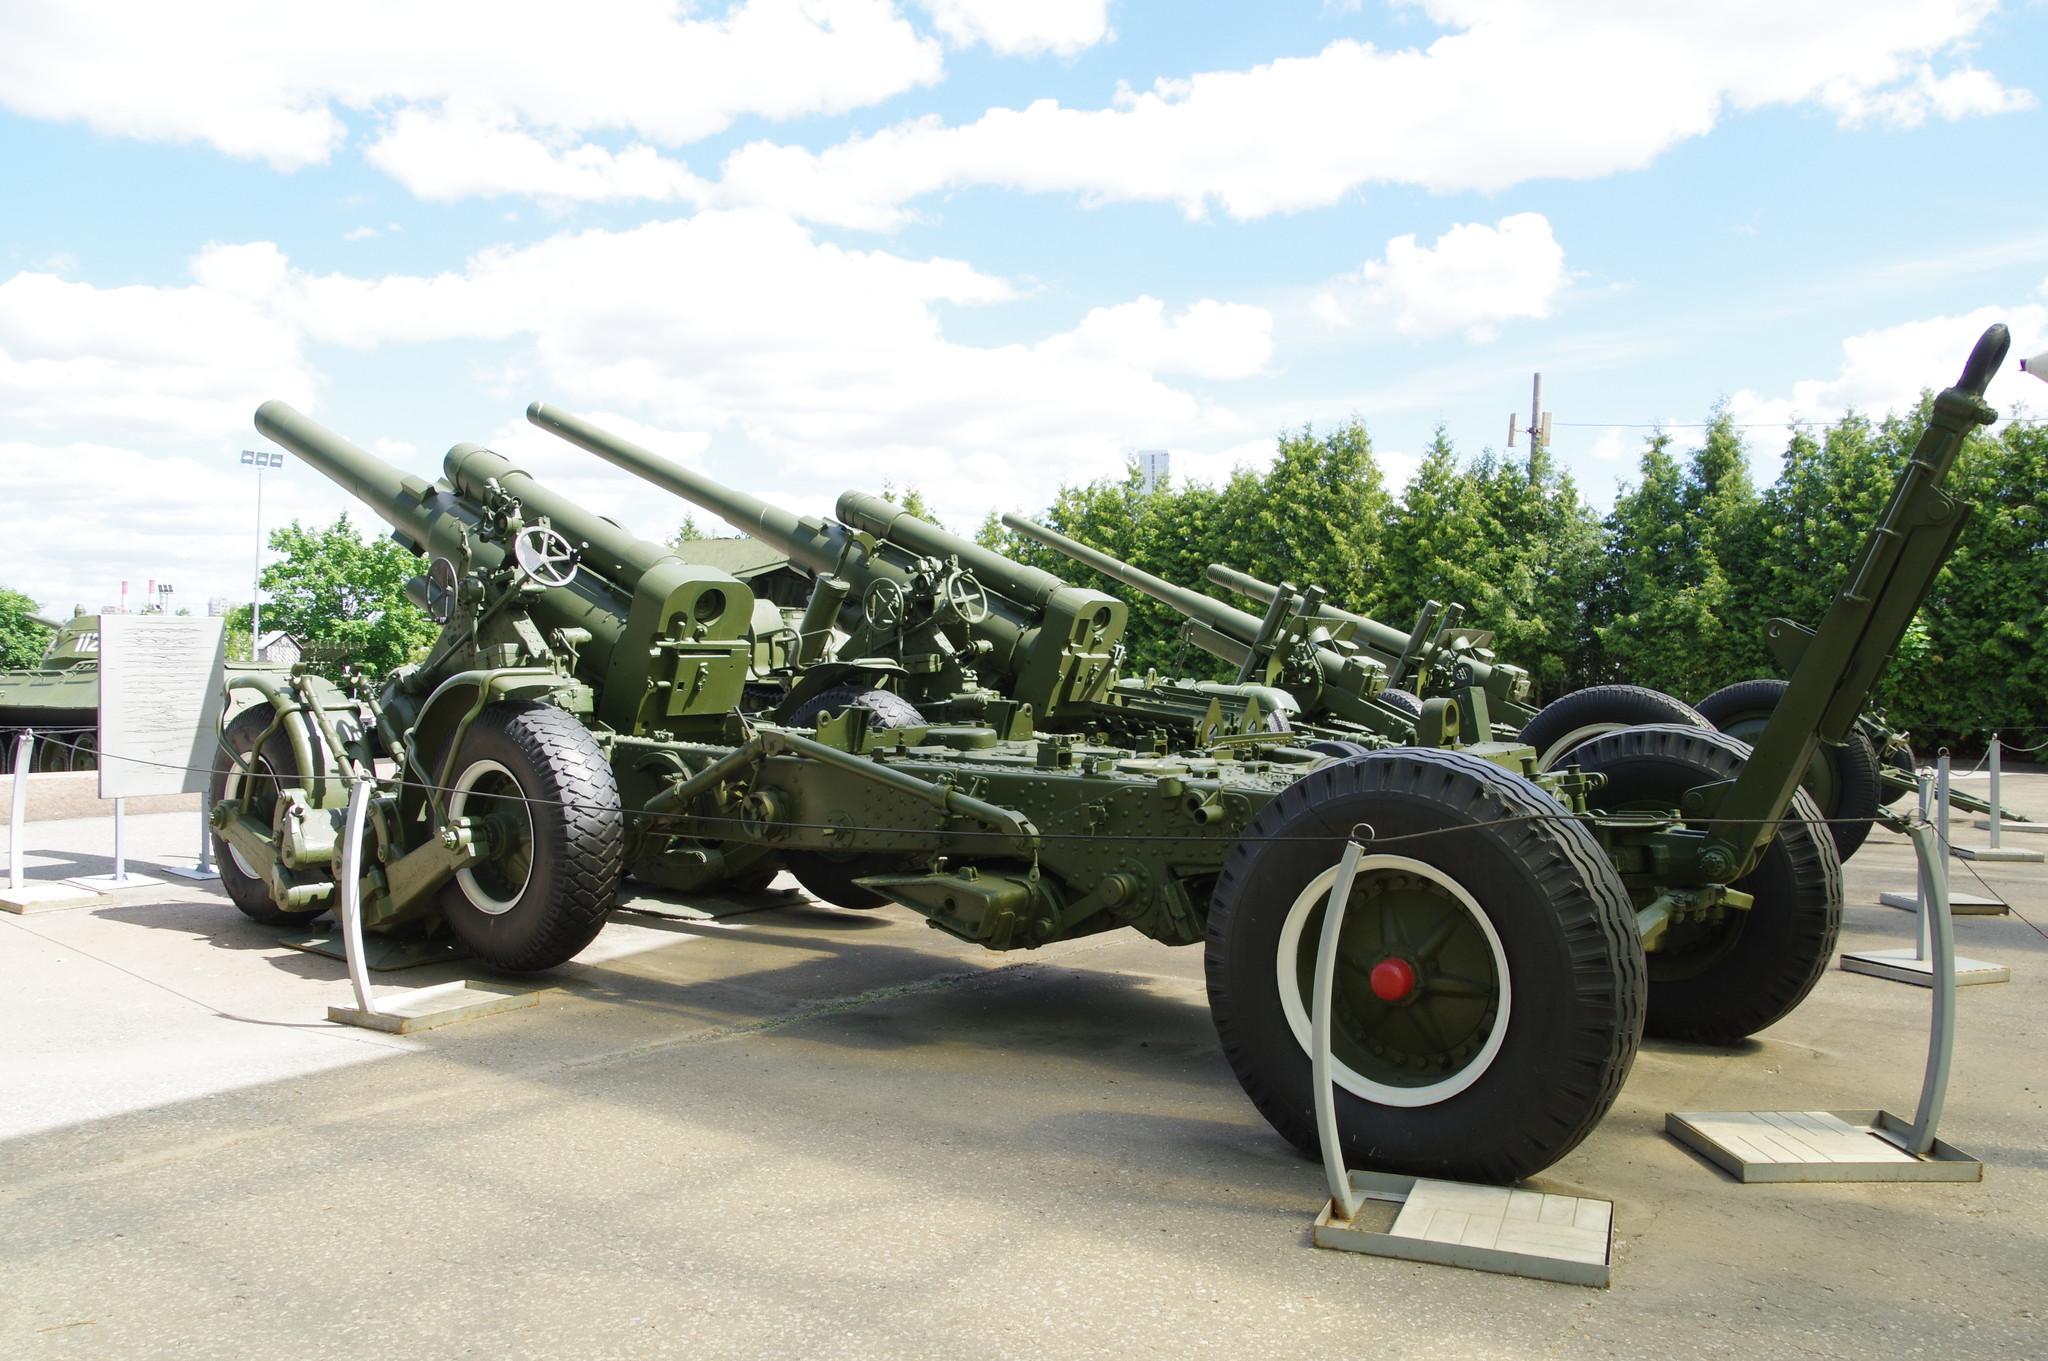 203-мм гаубица большой мощности Б-4М образца 1931 года в экспозиции Центрального музея Великой Отечественной войны 1941-1945 гг.